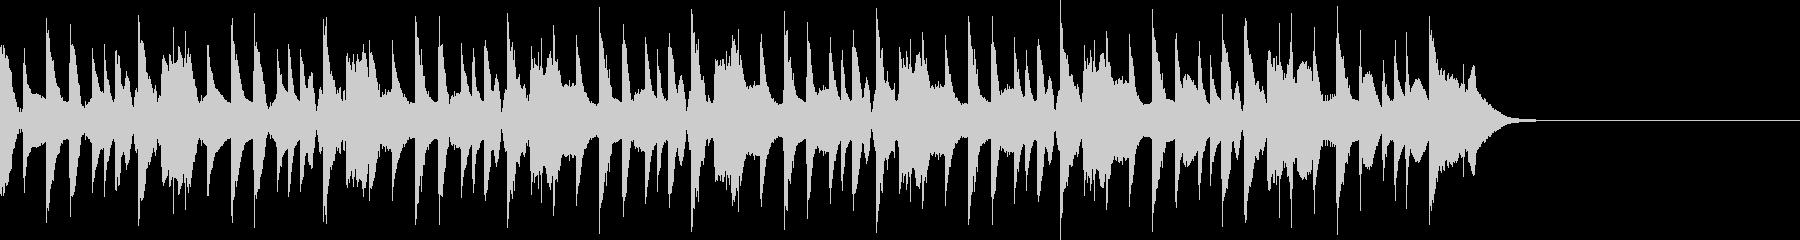 コミカルなテクノポップジングルの未再生の波形